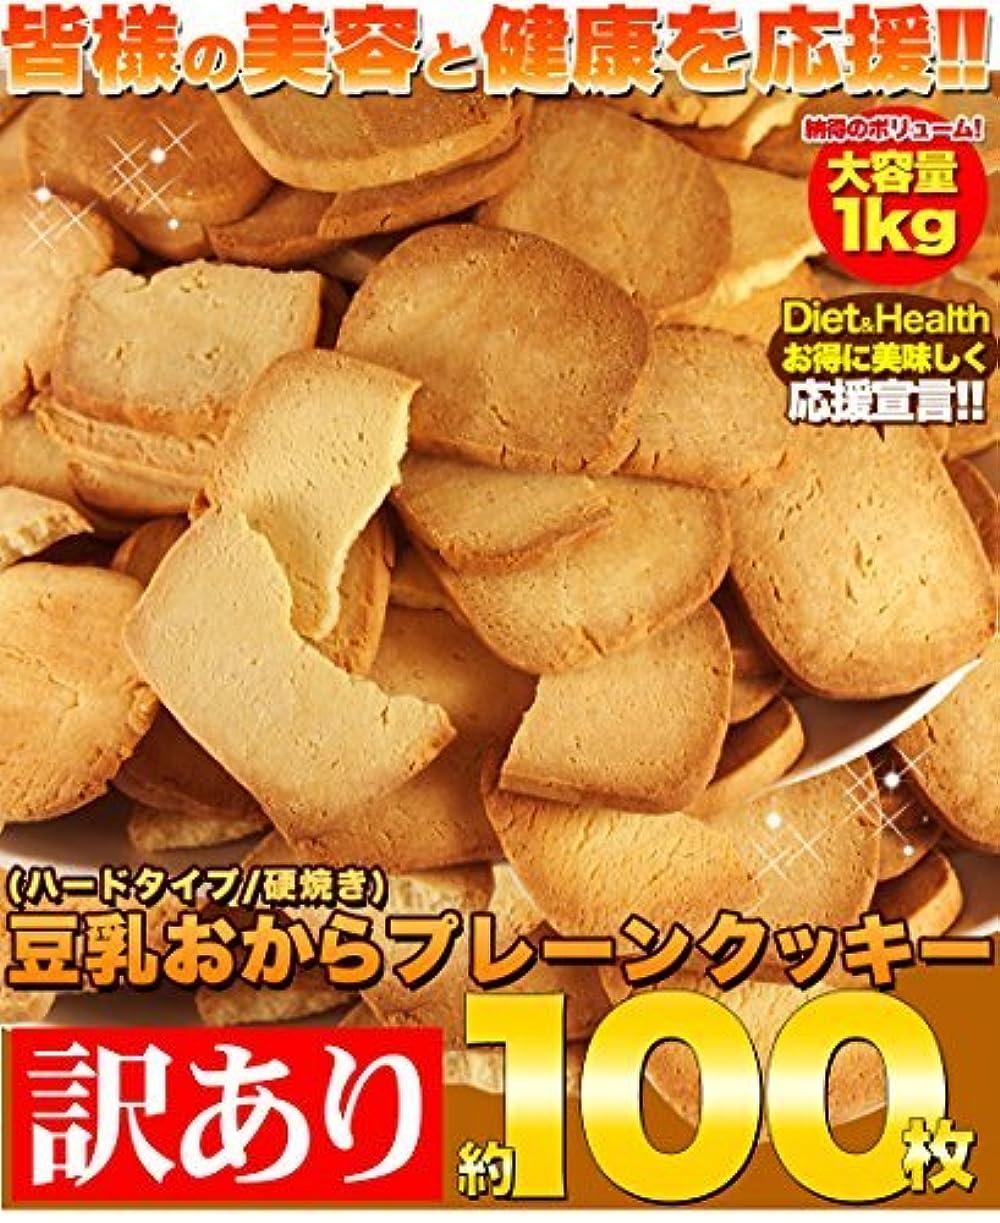 活気づけるに応じて召喚するアレンジ次第でダイエットが楽しくなる!プレーンタイプの豆乳おからクッキーが約100枚入って1kg入り!  業界最安値に挑戦!【訳あり】固焼き☆豆乳おからクッキープレーン約100枚1kg?常温?